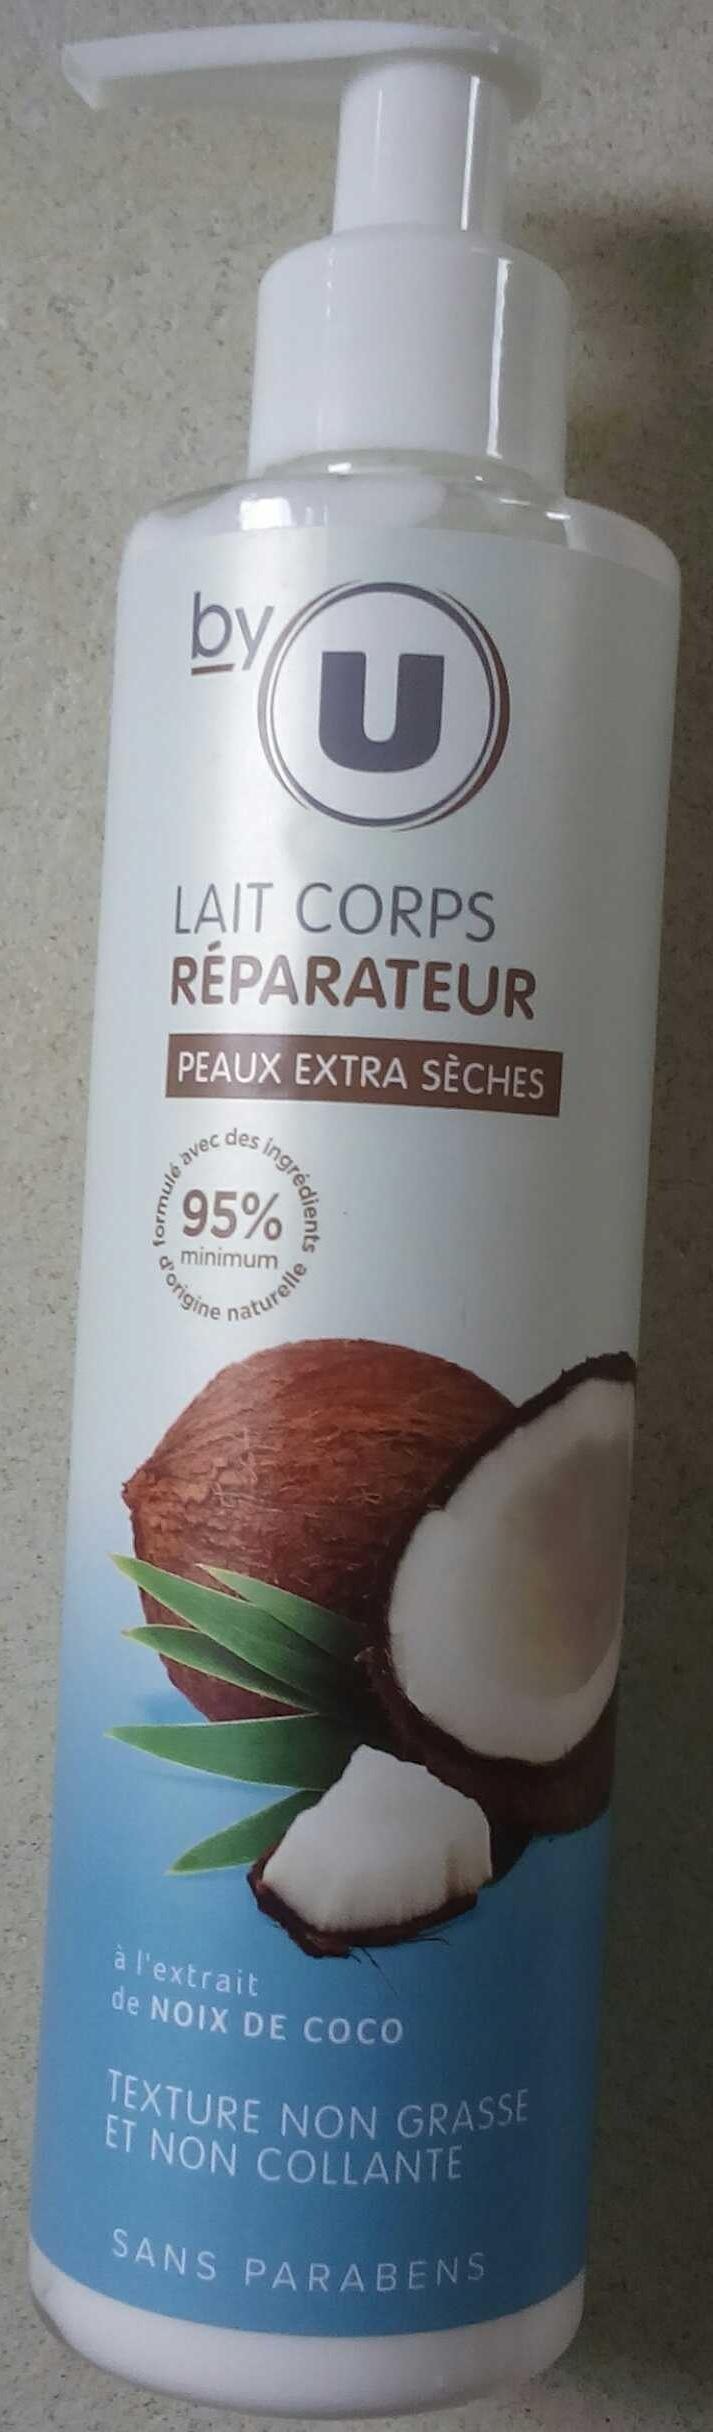 Lait corps réparateur - Product - fr